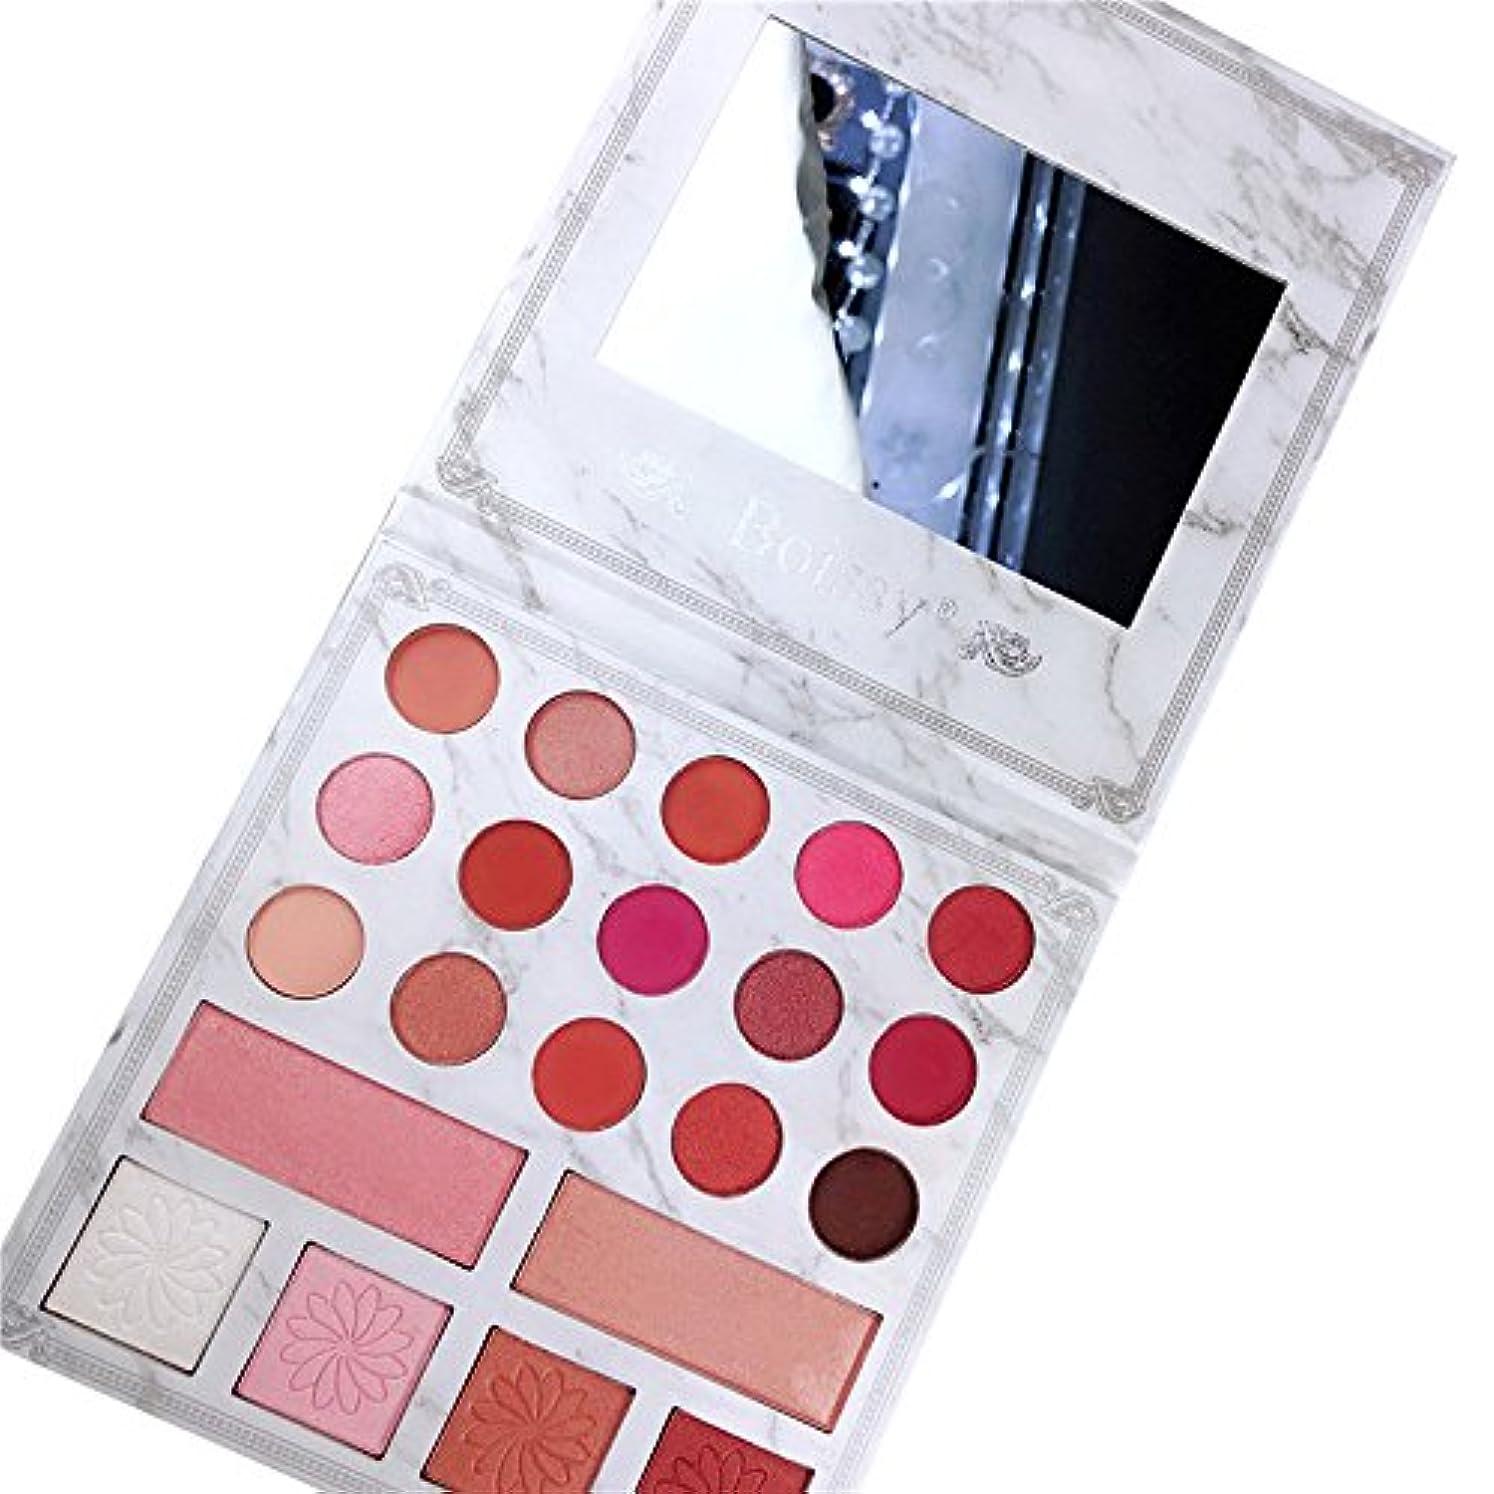 四サンダースレビュアー21色シマーマットアイシャドウアイシャドウパレットプロ化粧品メイクアップツール